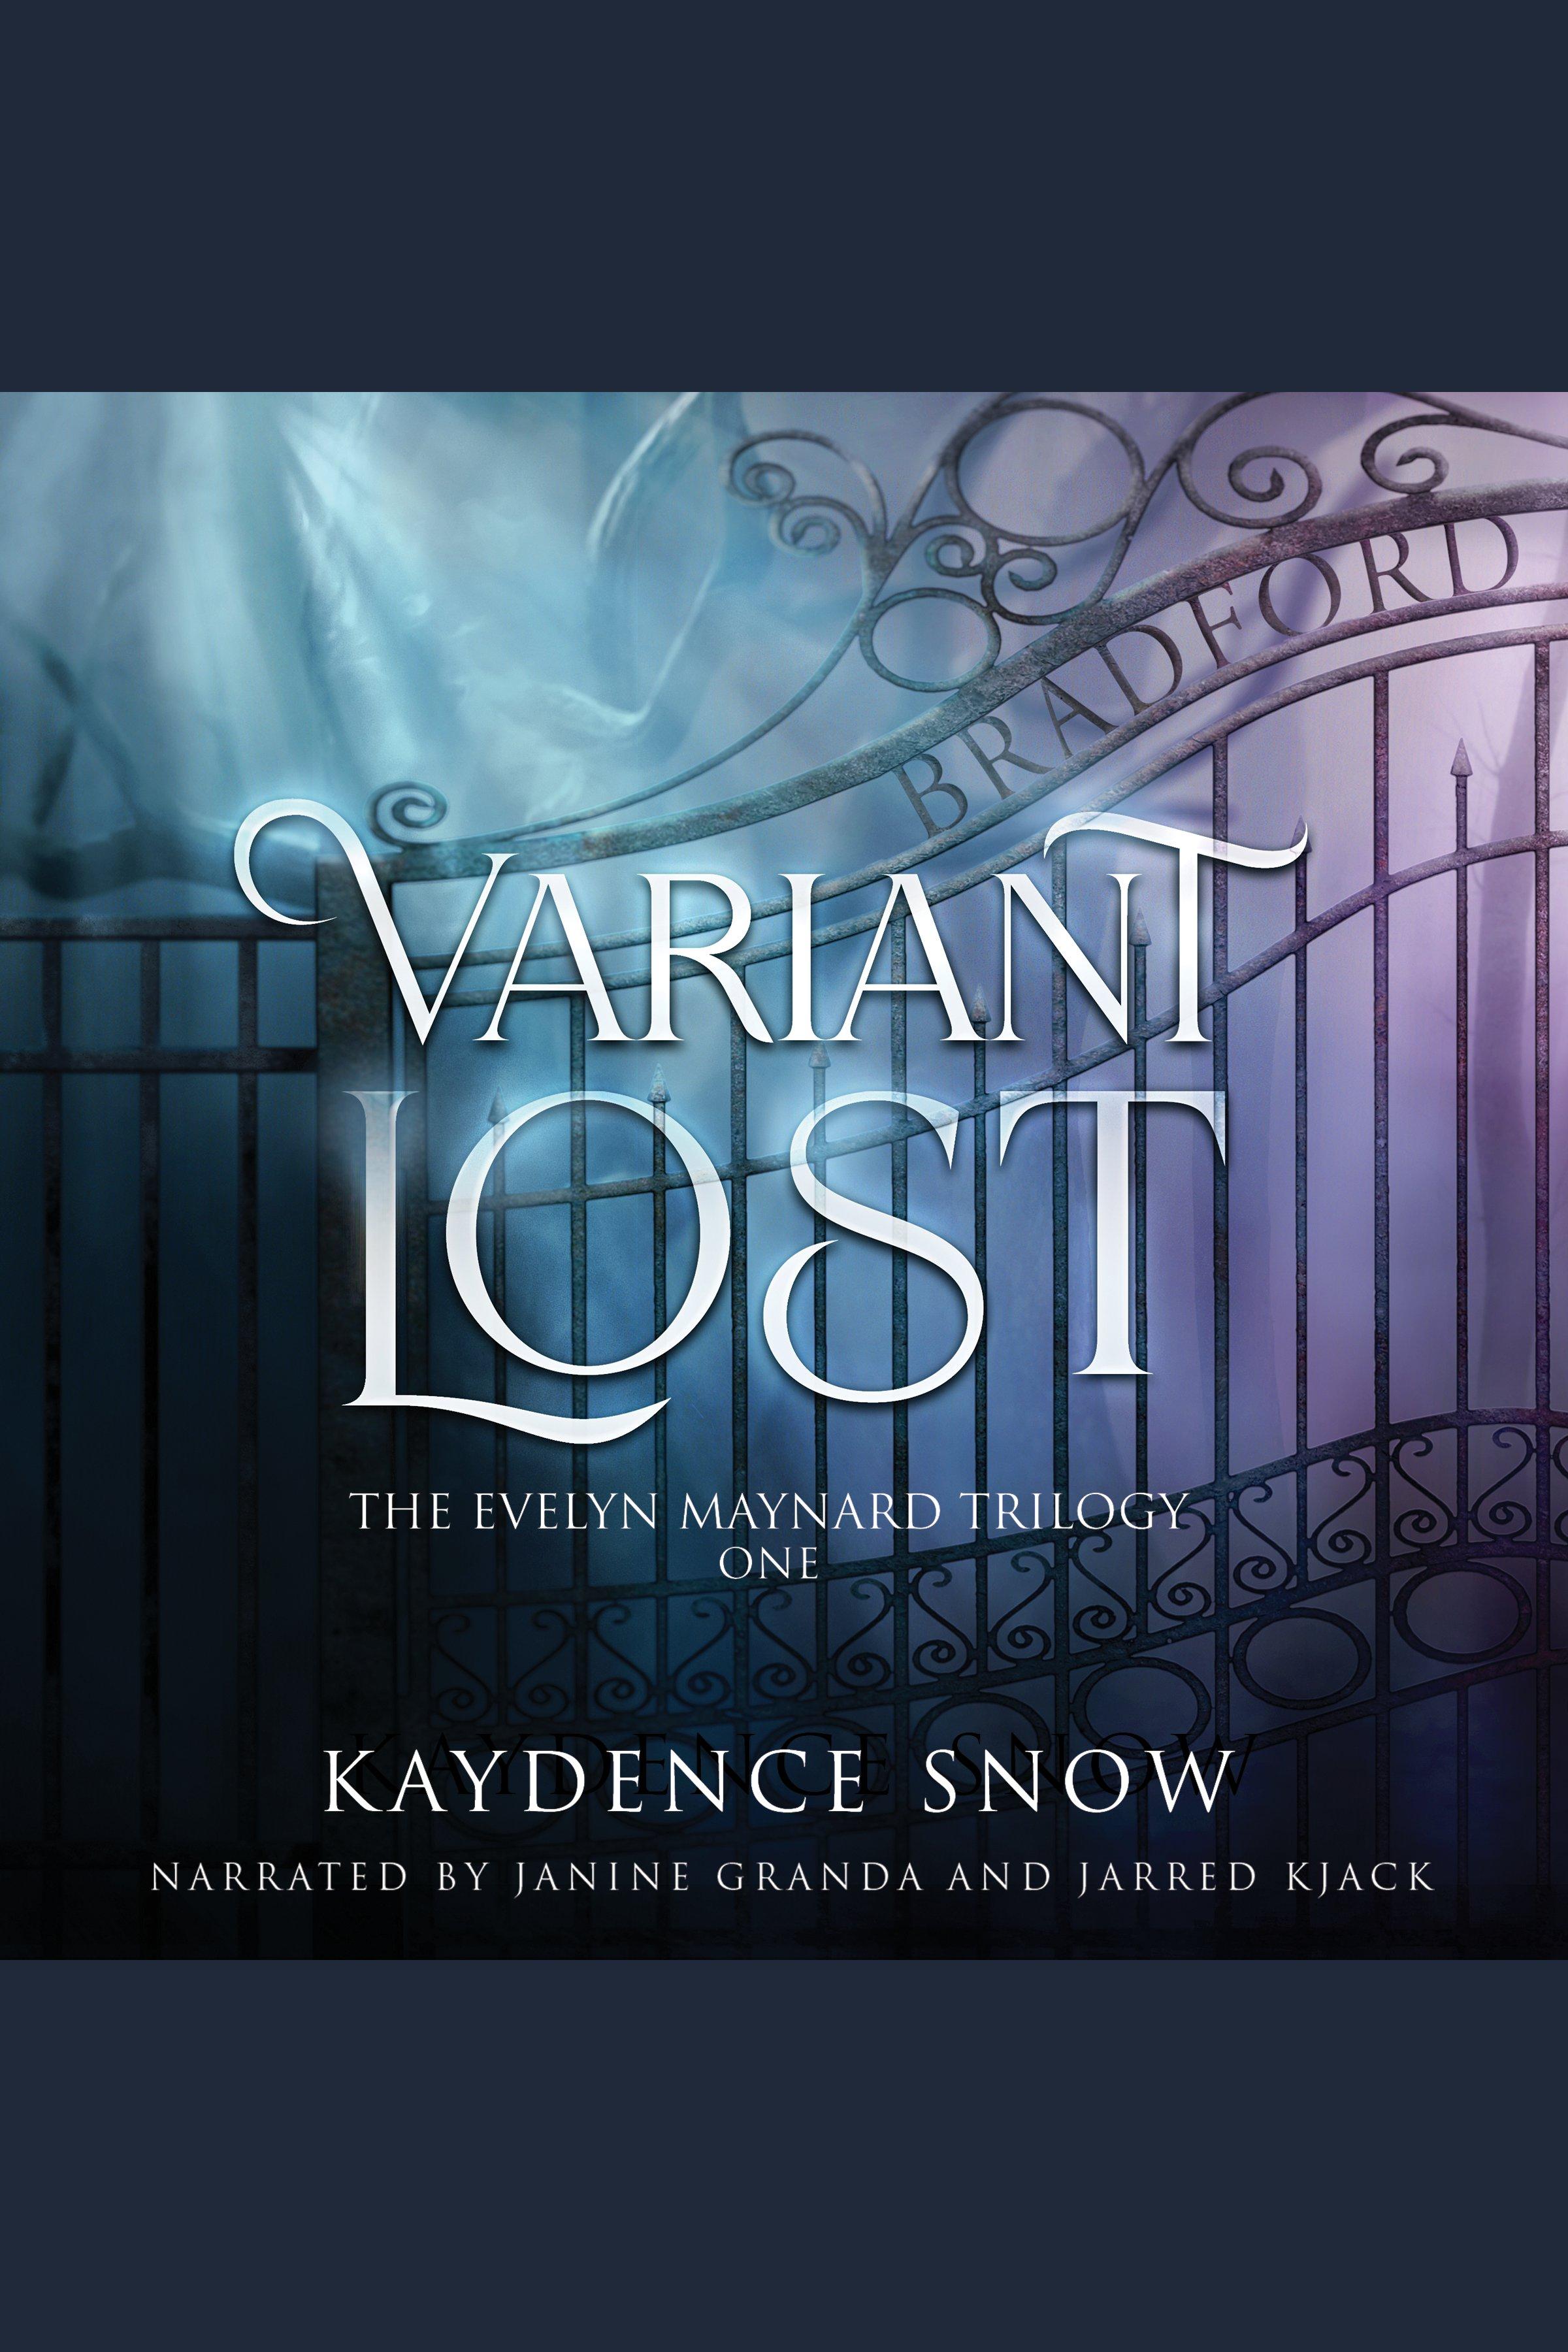 Esta es la portada del audiolibro Variant Lost